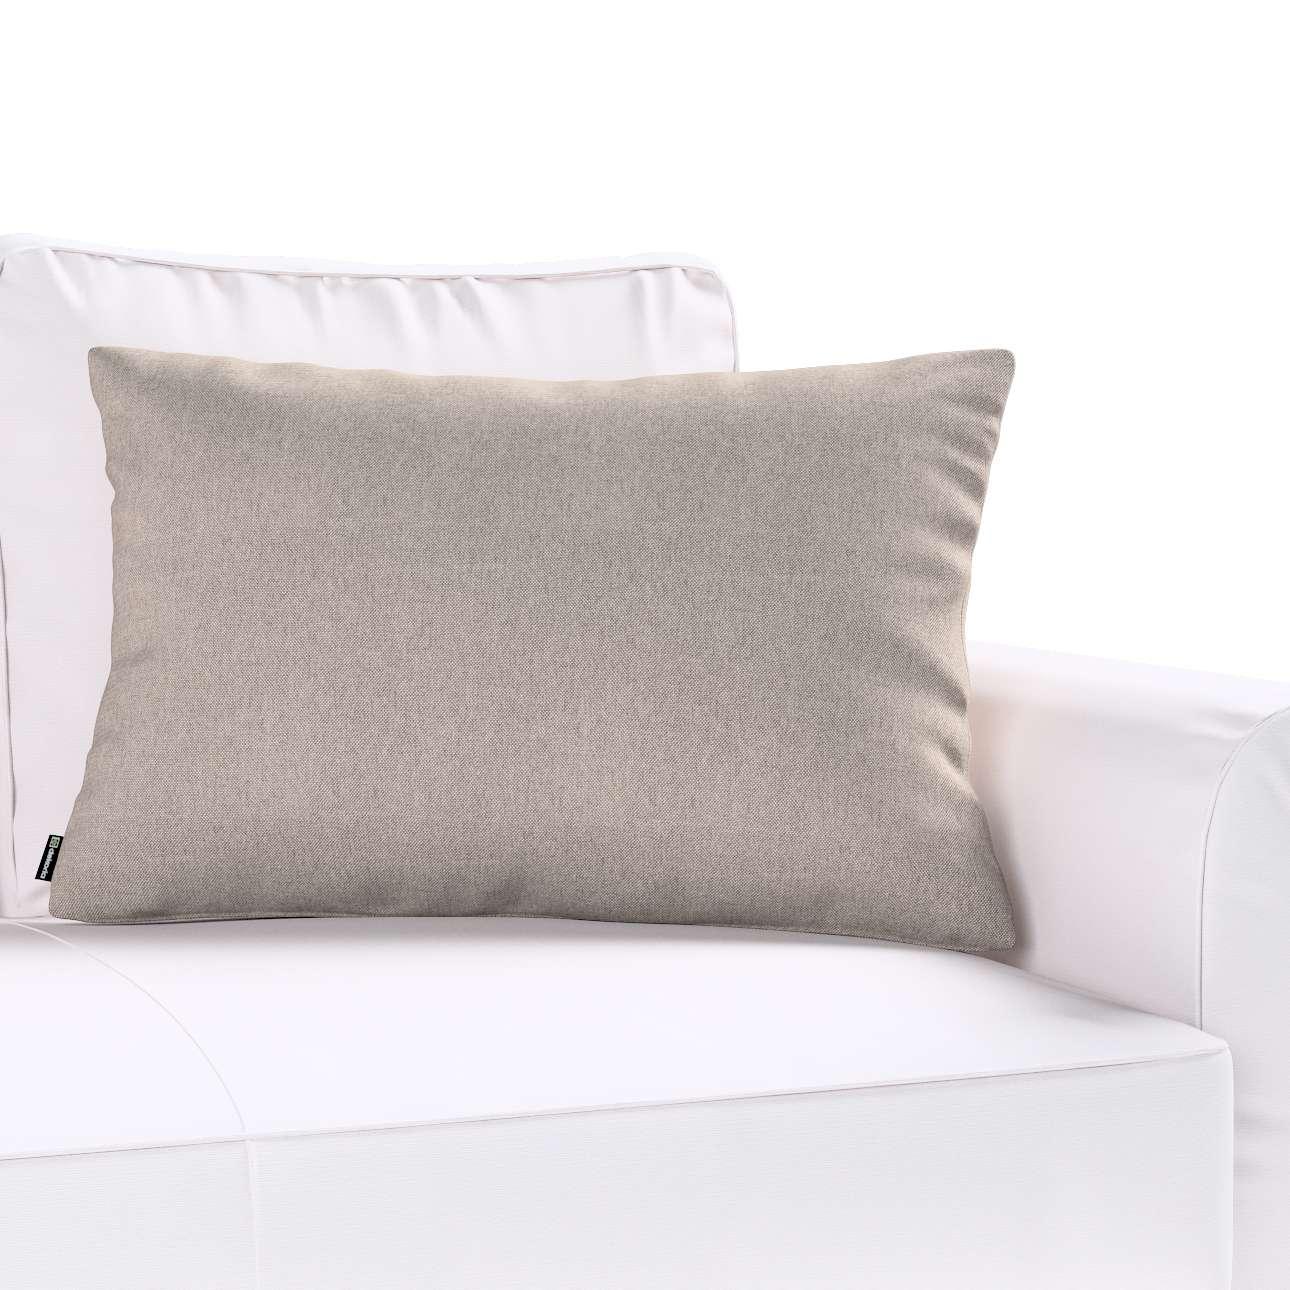 Kinga dekoratyvinės pagalvėlės užvalkalas 60x40cm 60x40cm kolekcijoje Etna , audinys: 705-09